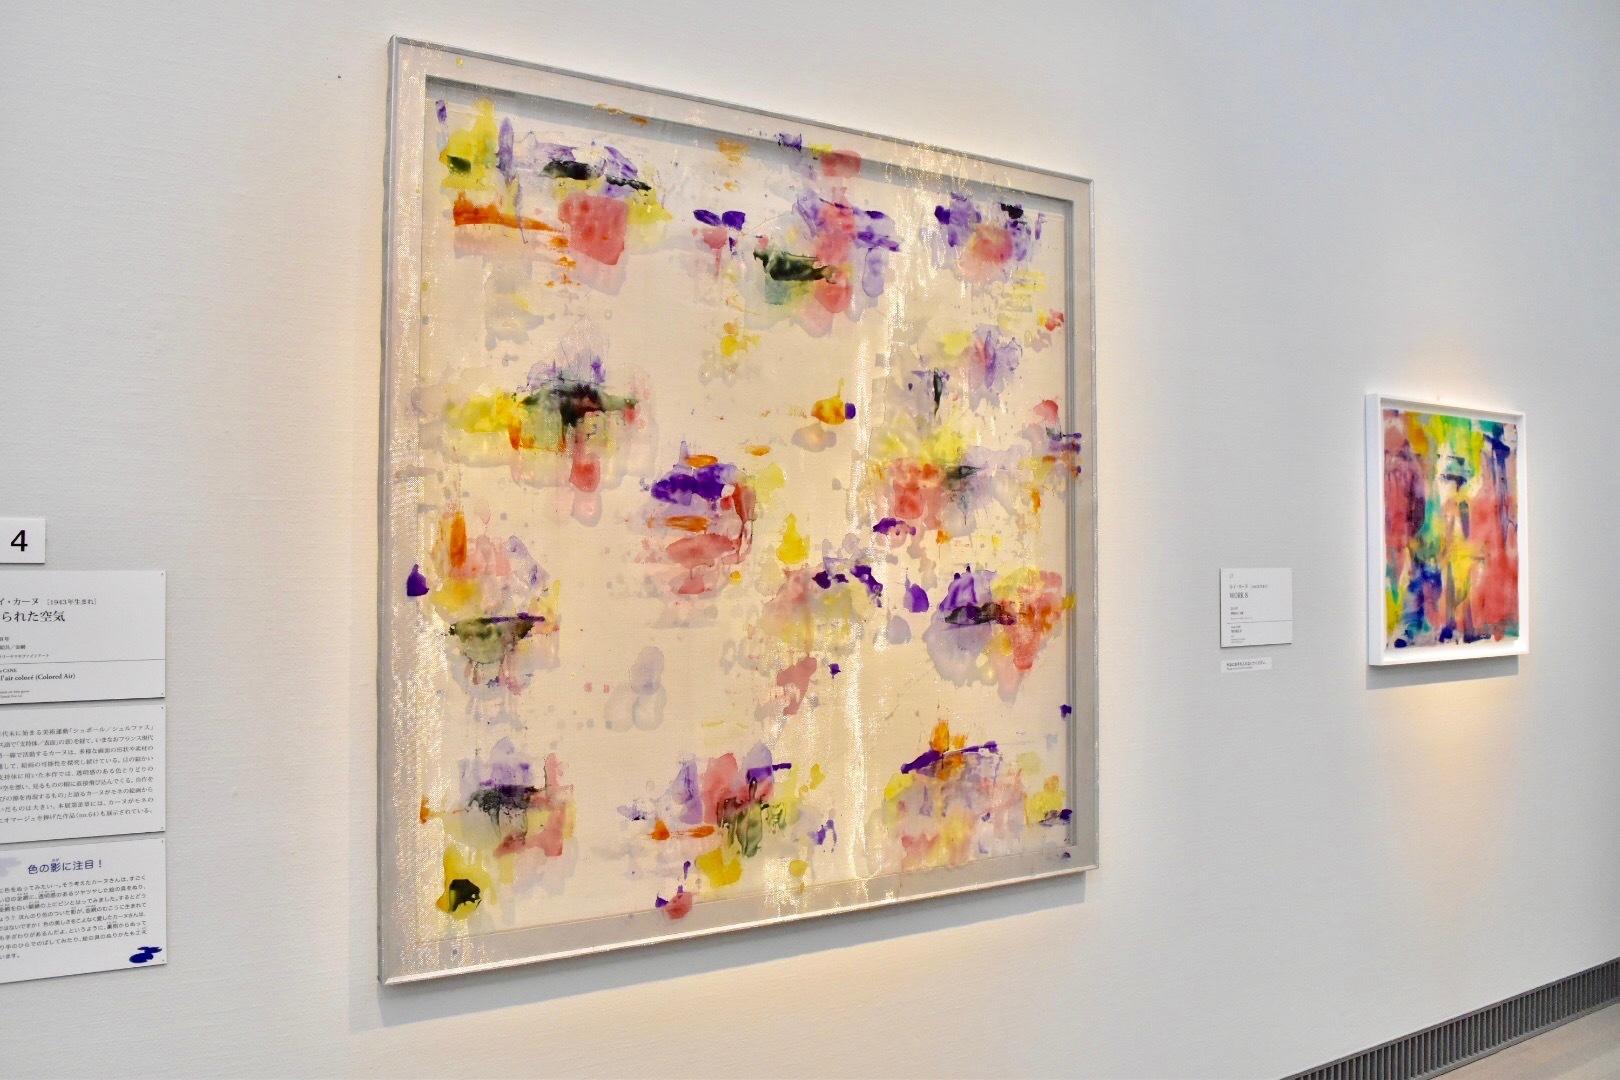 左:ルイ・カーヌ 《彩られた空気》2008年 ギャラリーヤマキファインアート 右奥:ルイ・カーヌ 《WORK8》2013年 ギャラリーヤマキファインアート